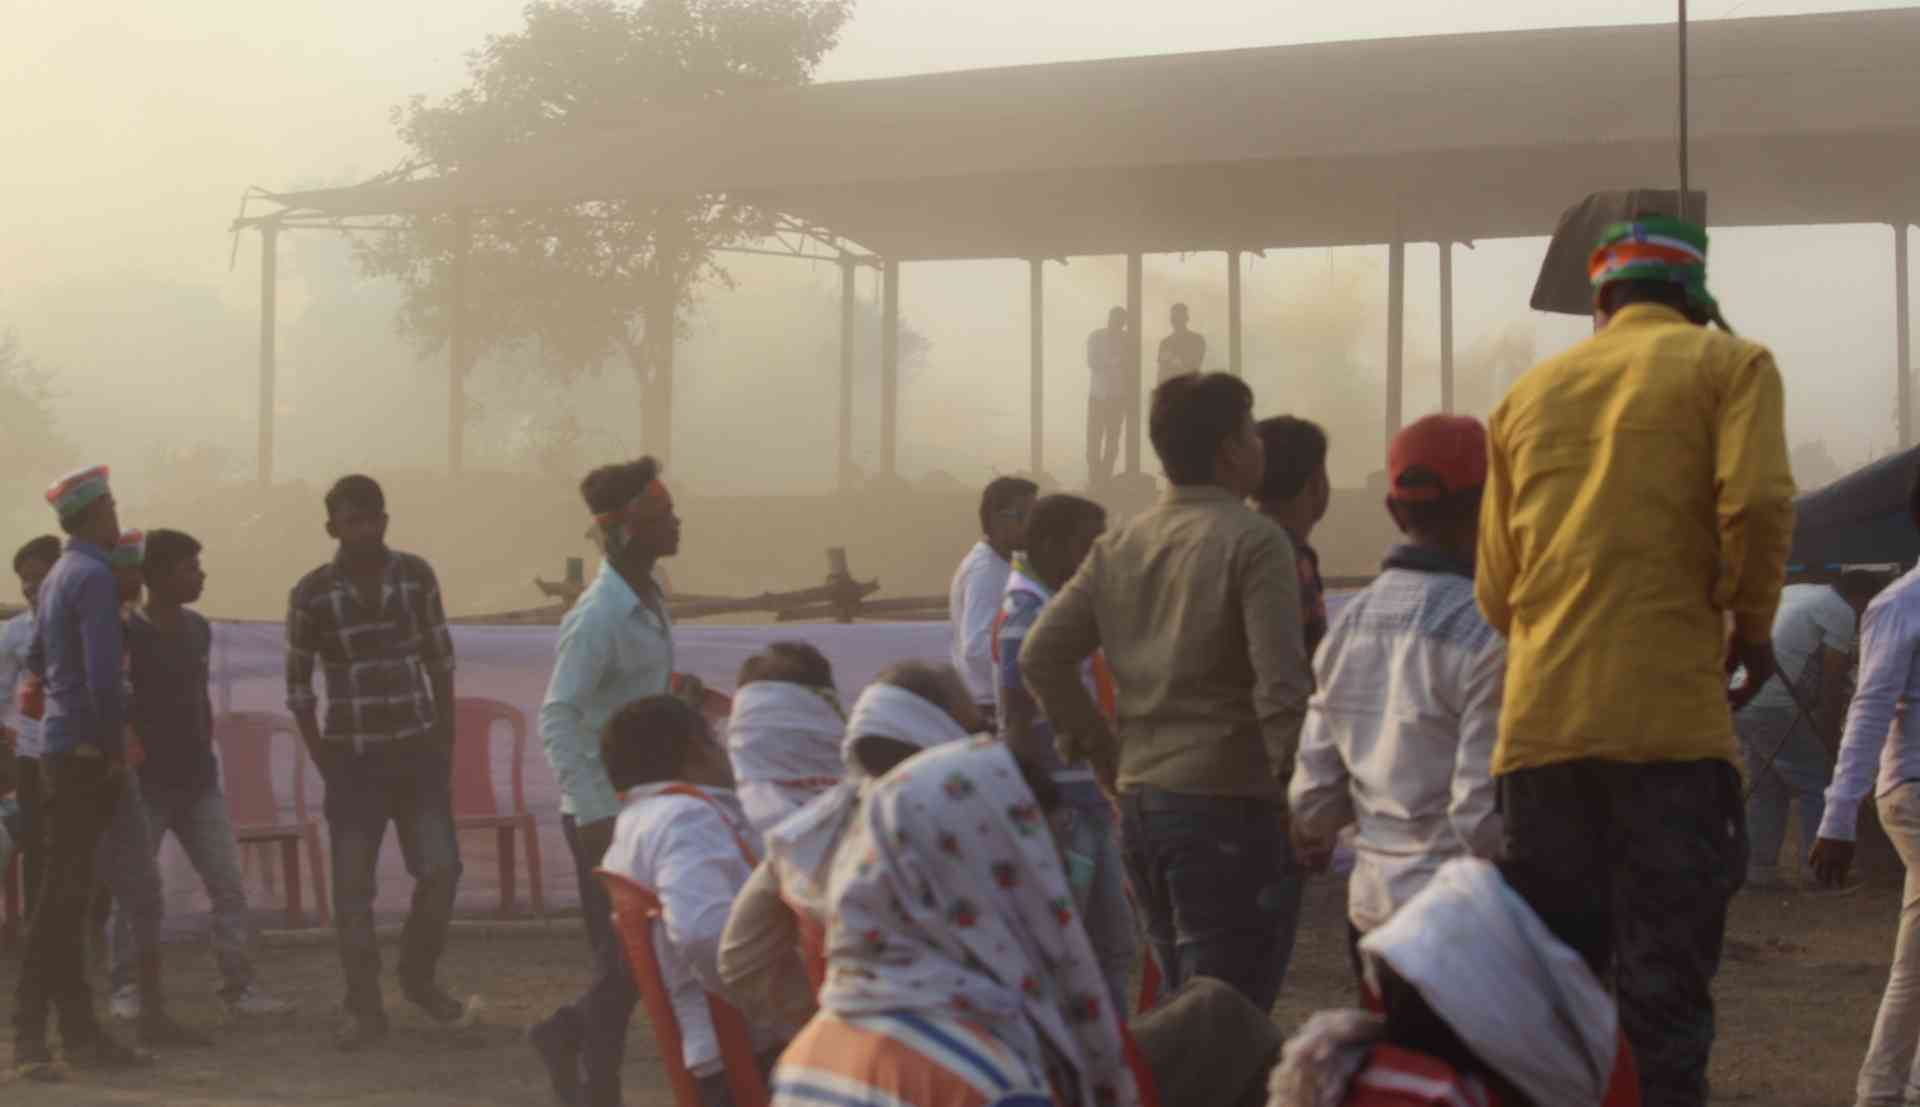 राहुल गांधी की सभा में हेलिकॉप्टर के लैंडिंग के चलते धूल का गुबार